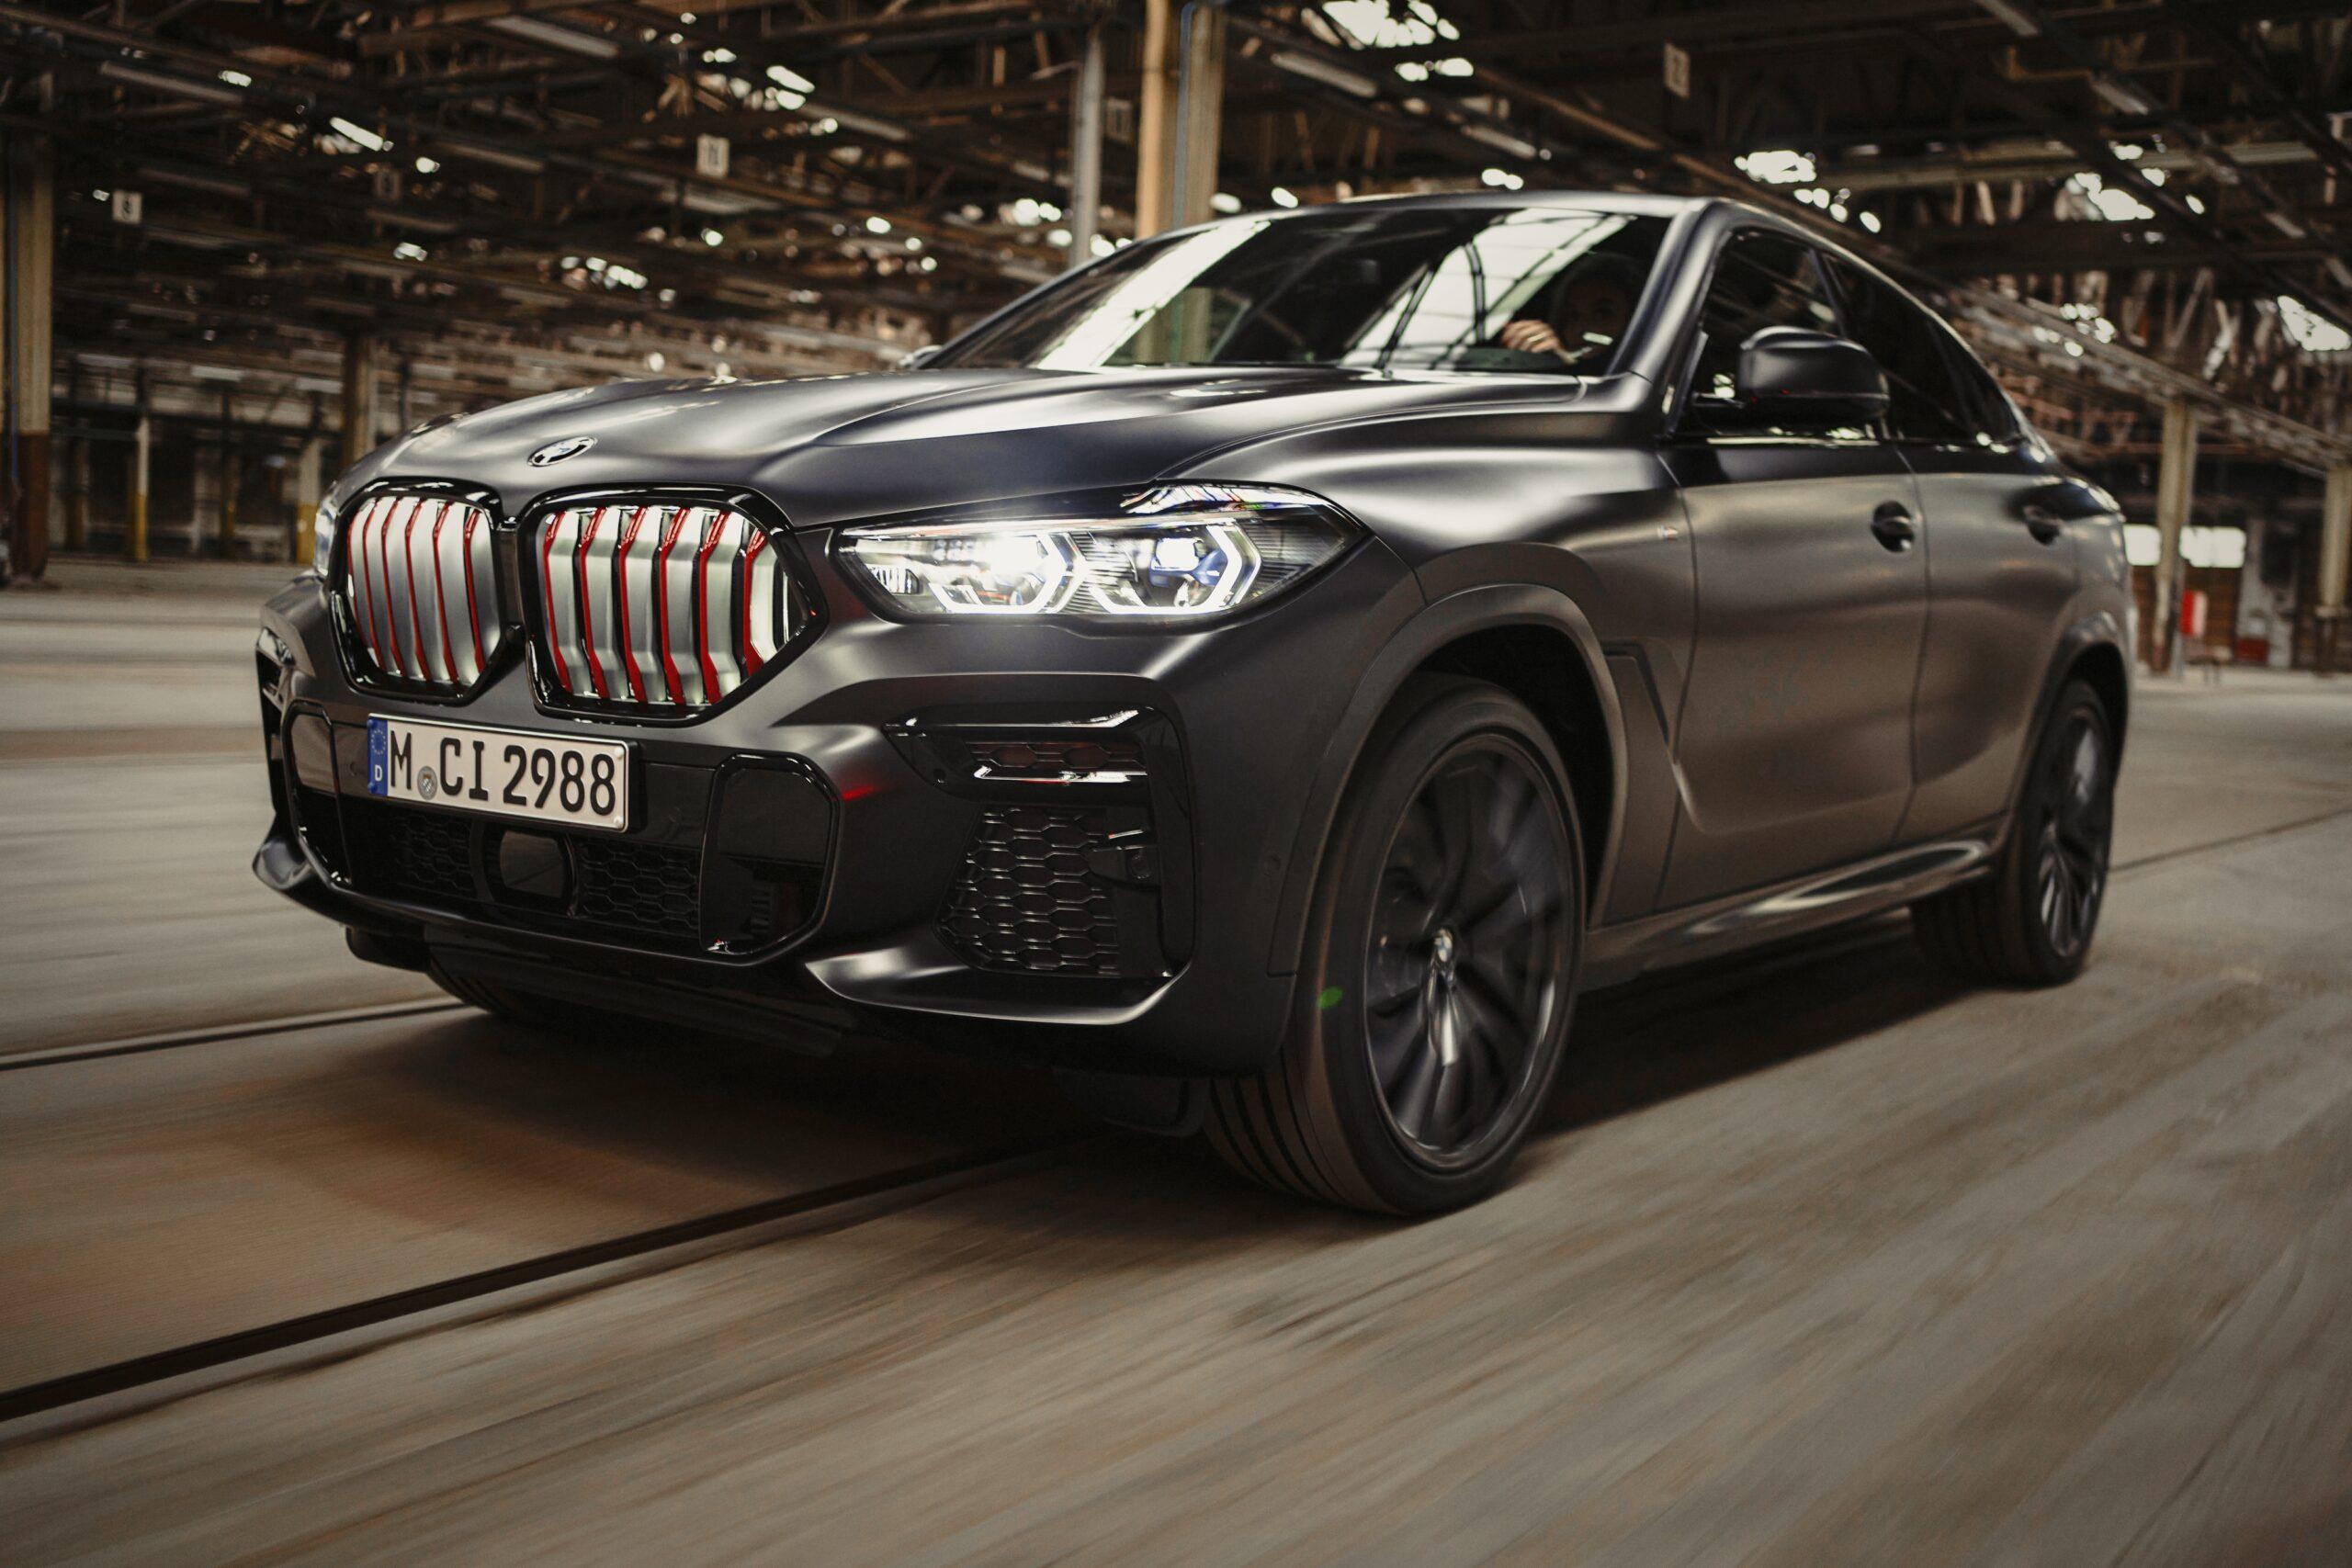 Black Vermilion – Limierte Edition von BMW X5, X6 und X7